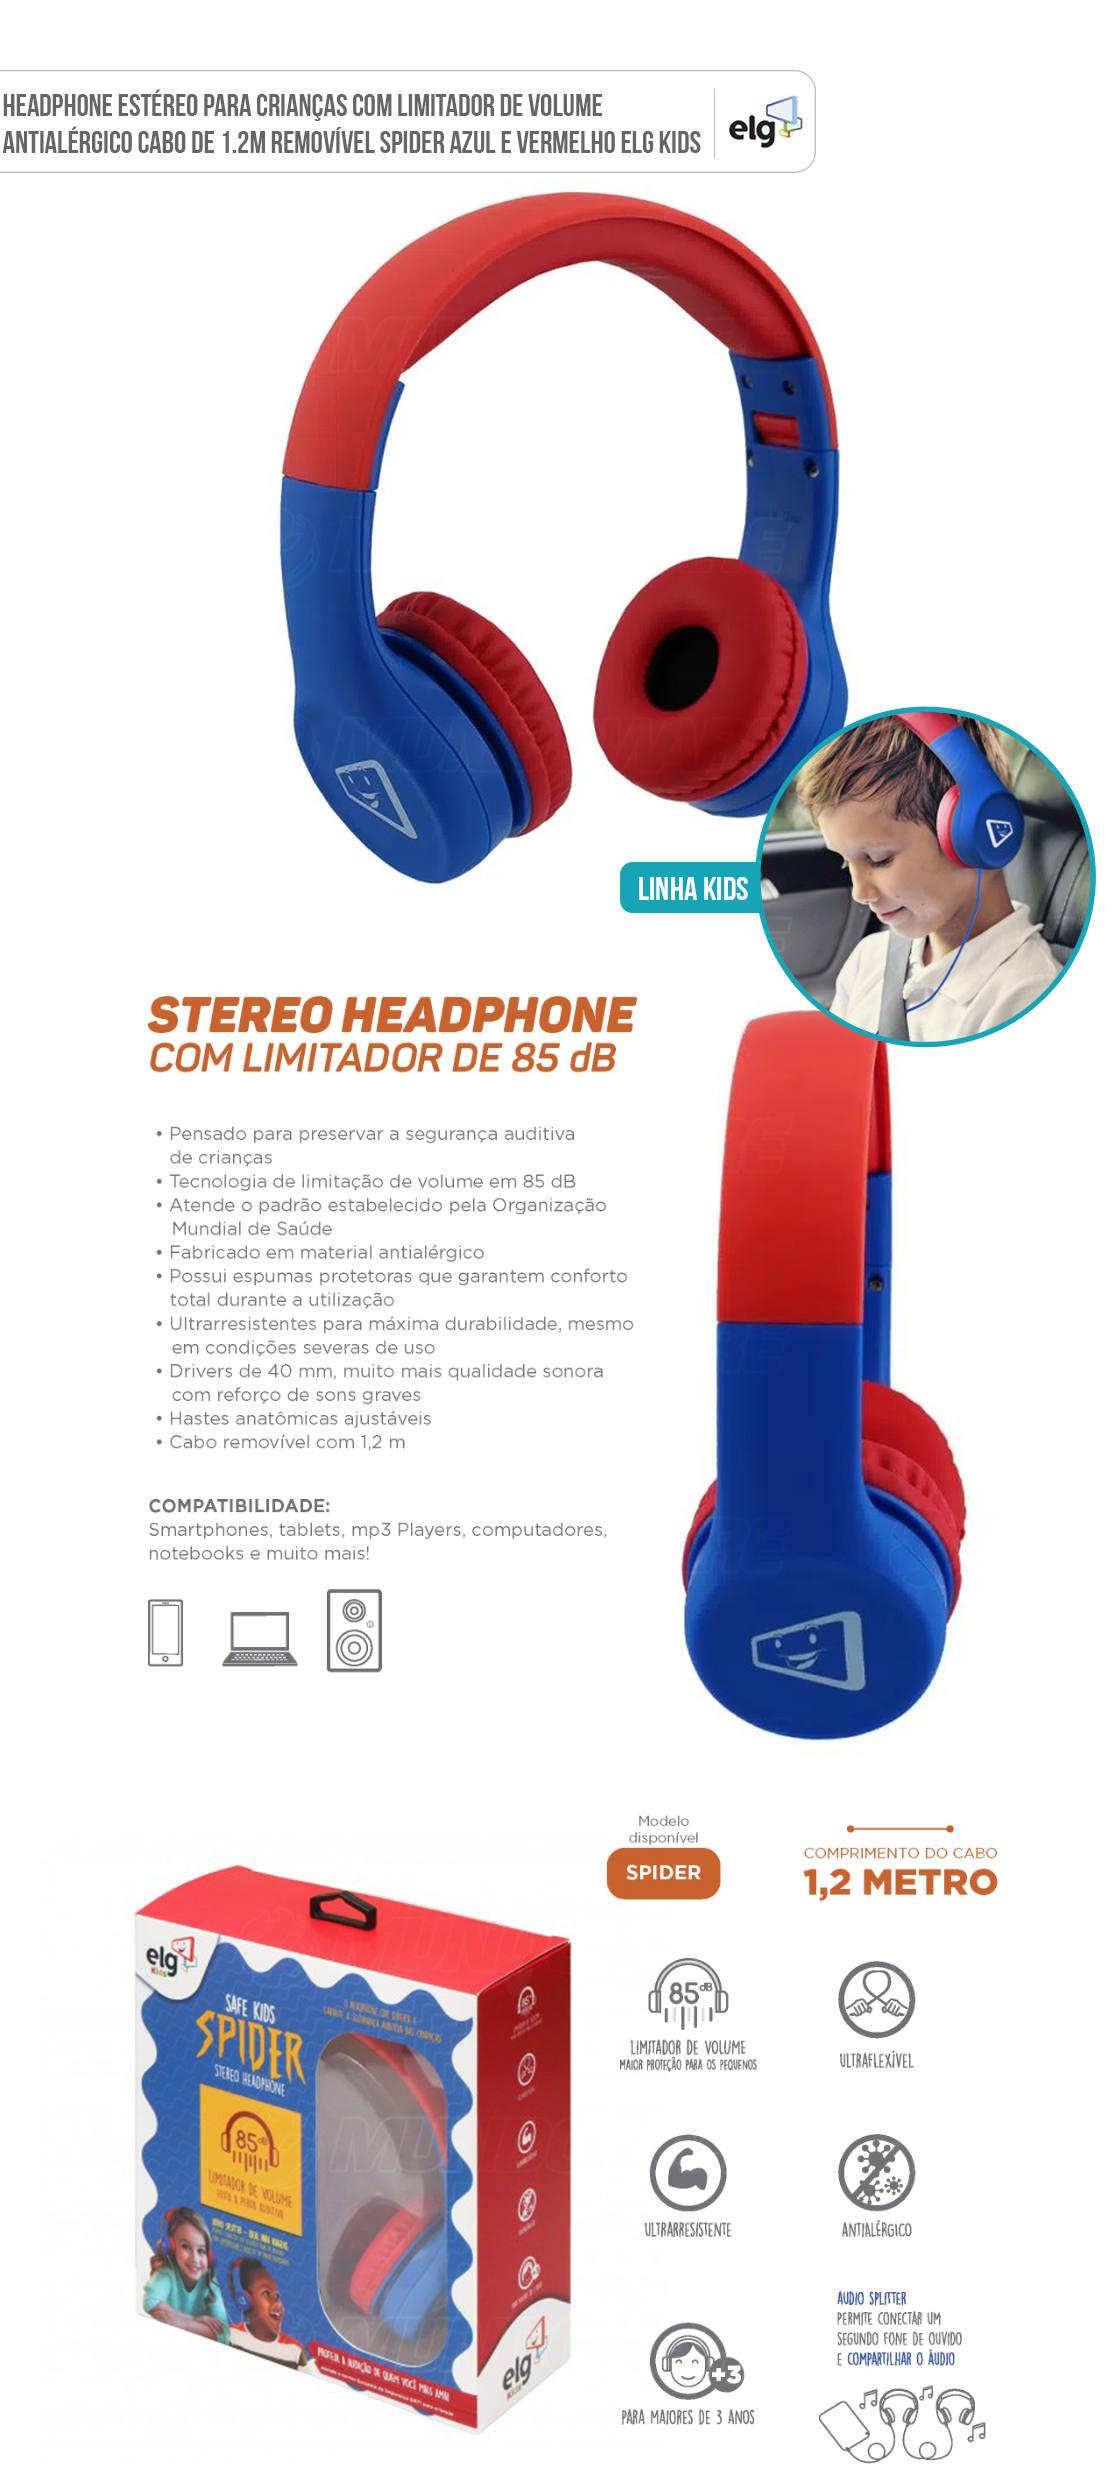 Fone de Ouvido para Crianças com Limitador de Volume Antialérgico Cabo Removível ELG Kids Spider Azul e Vermelho